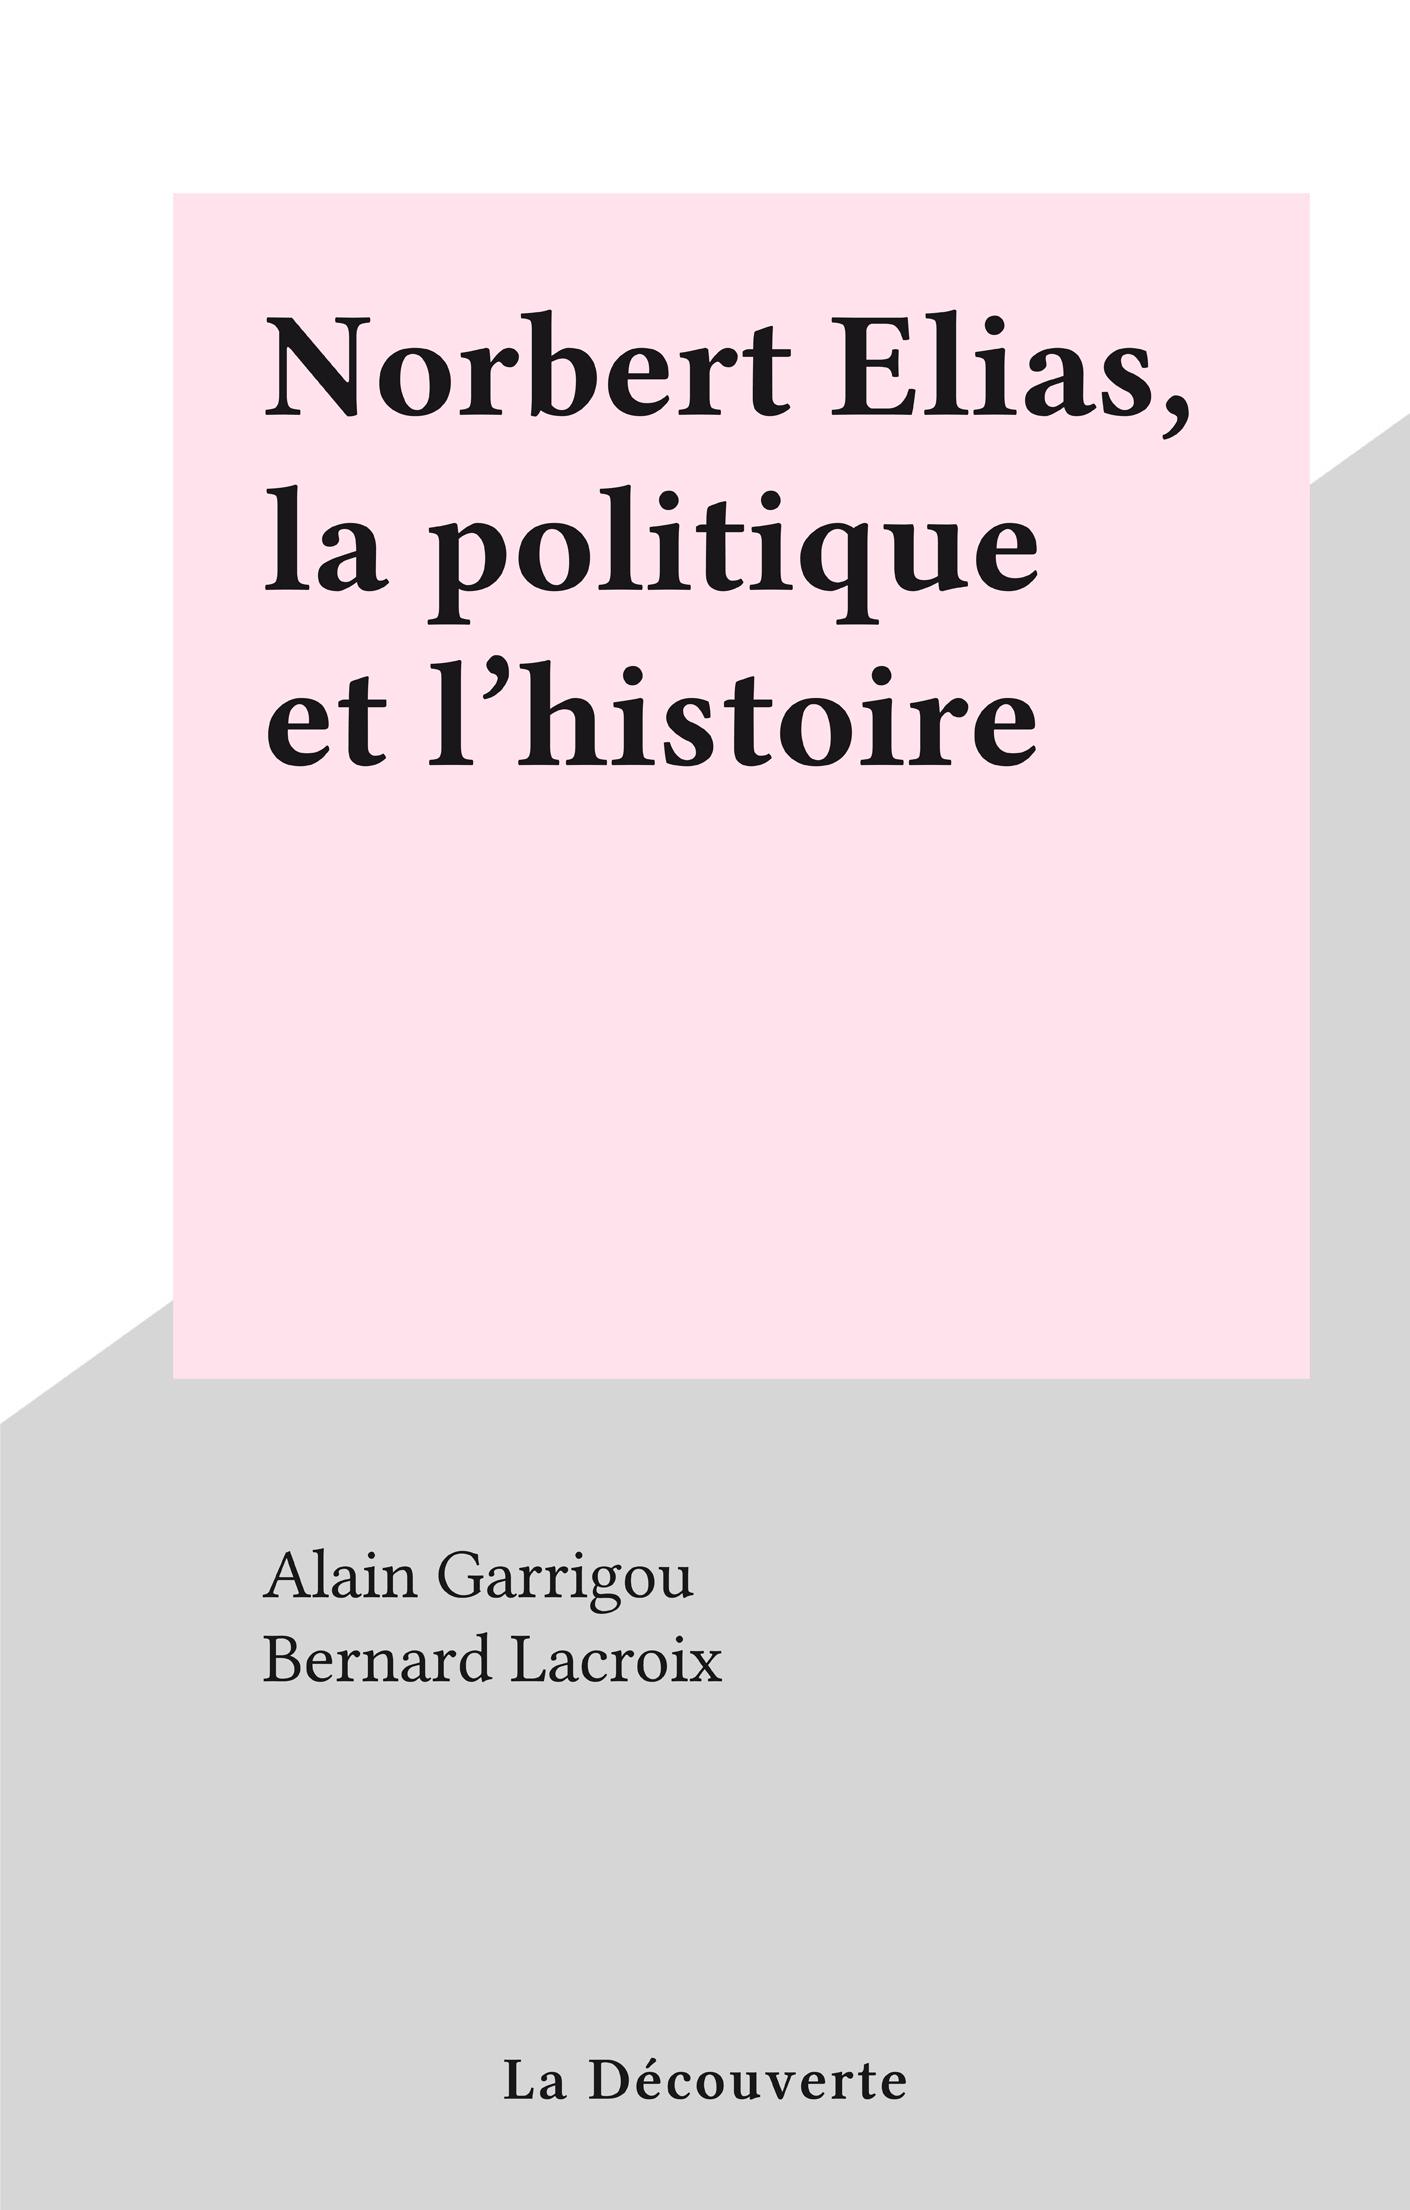 Norbert Elias, la politique et l'histoire